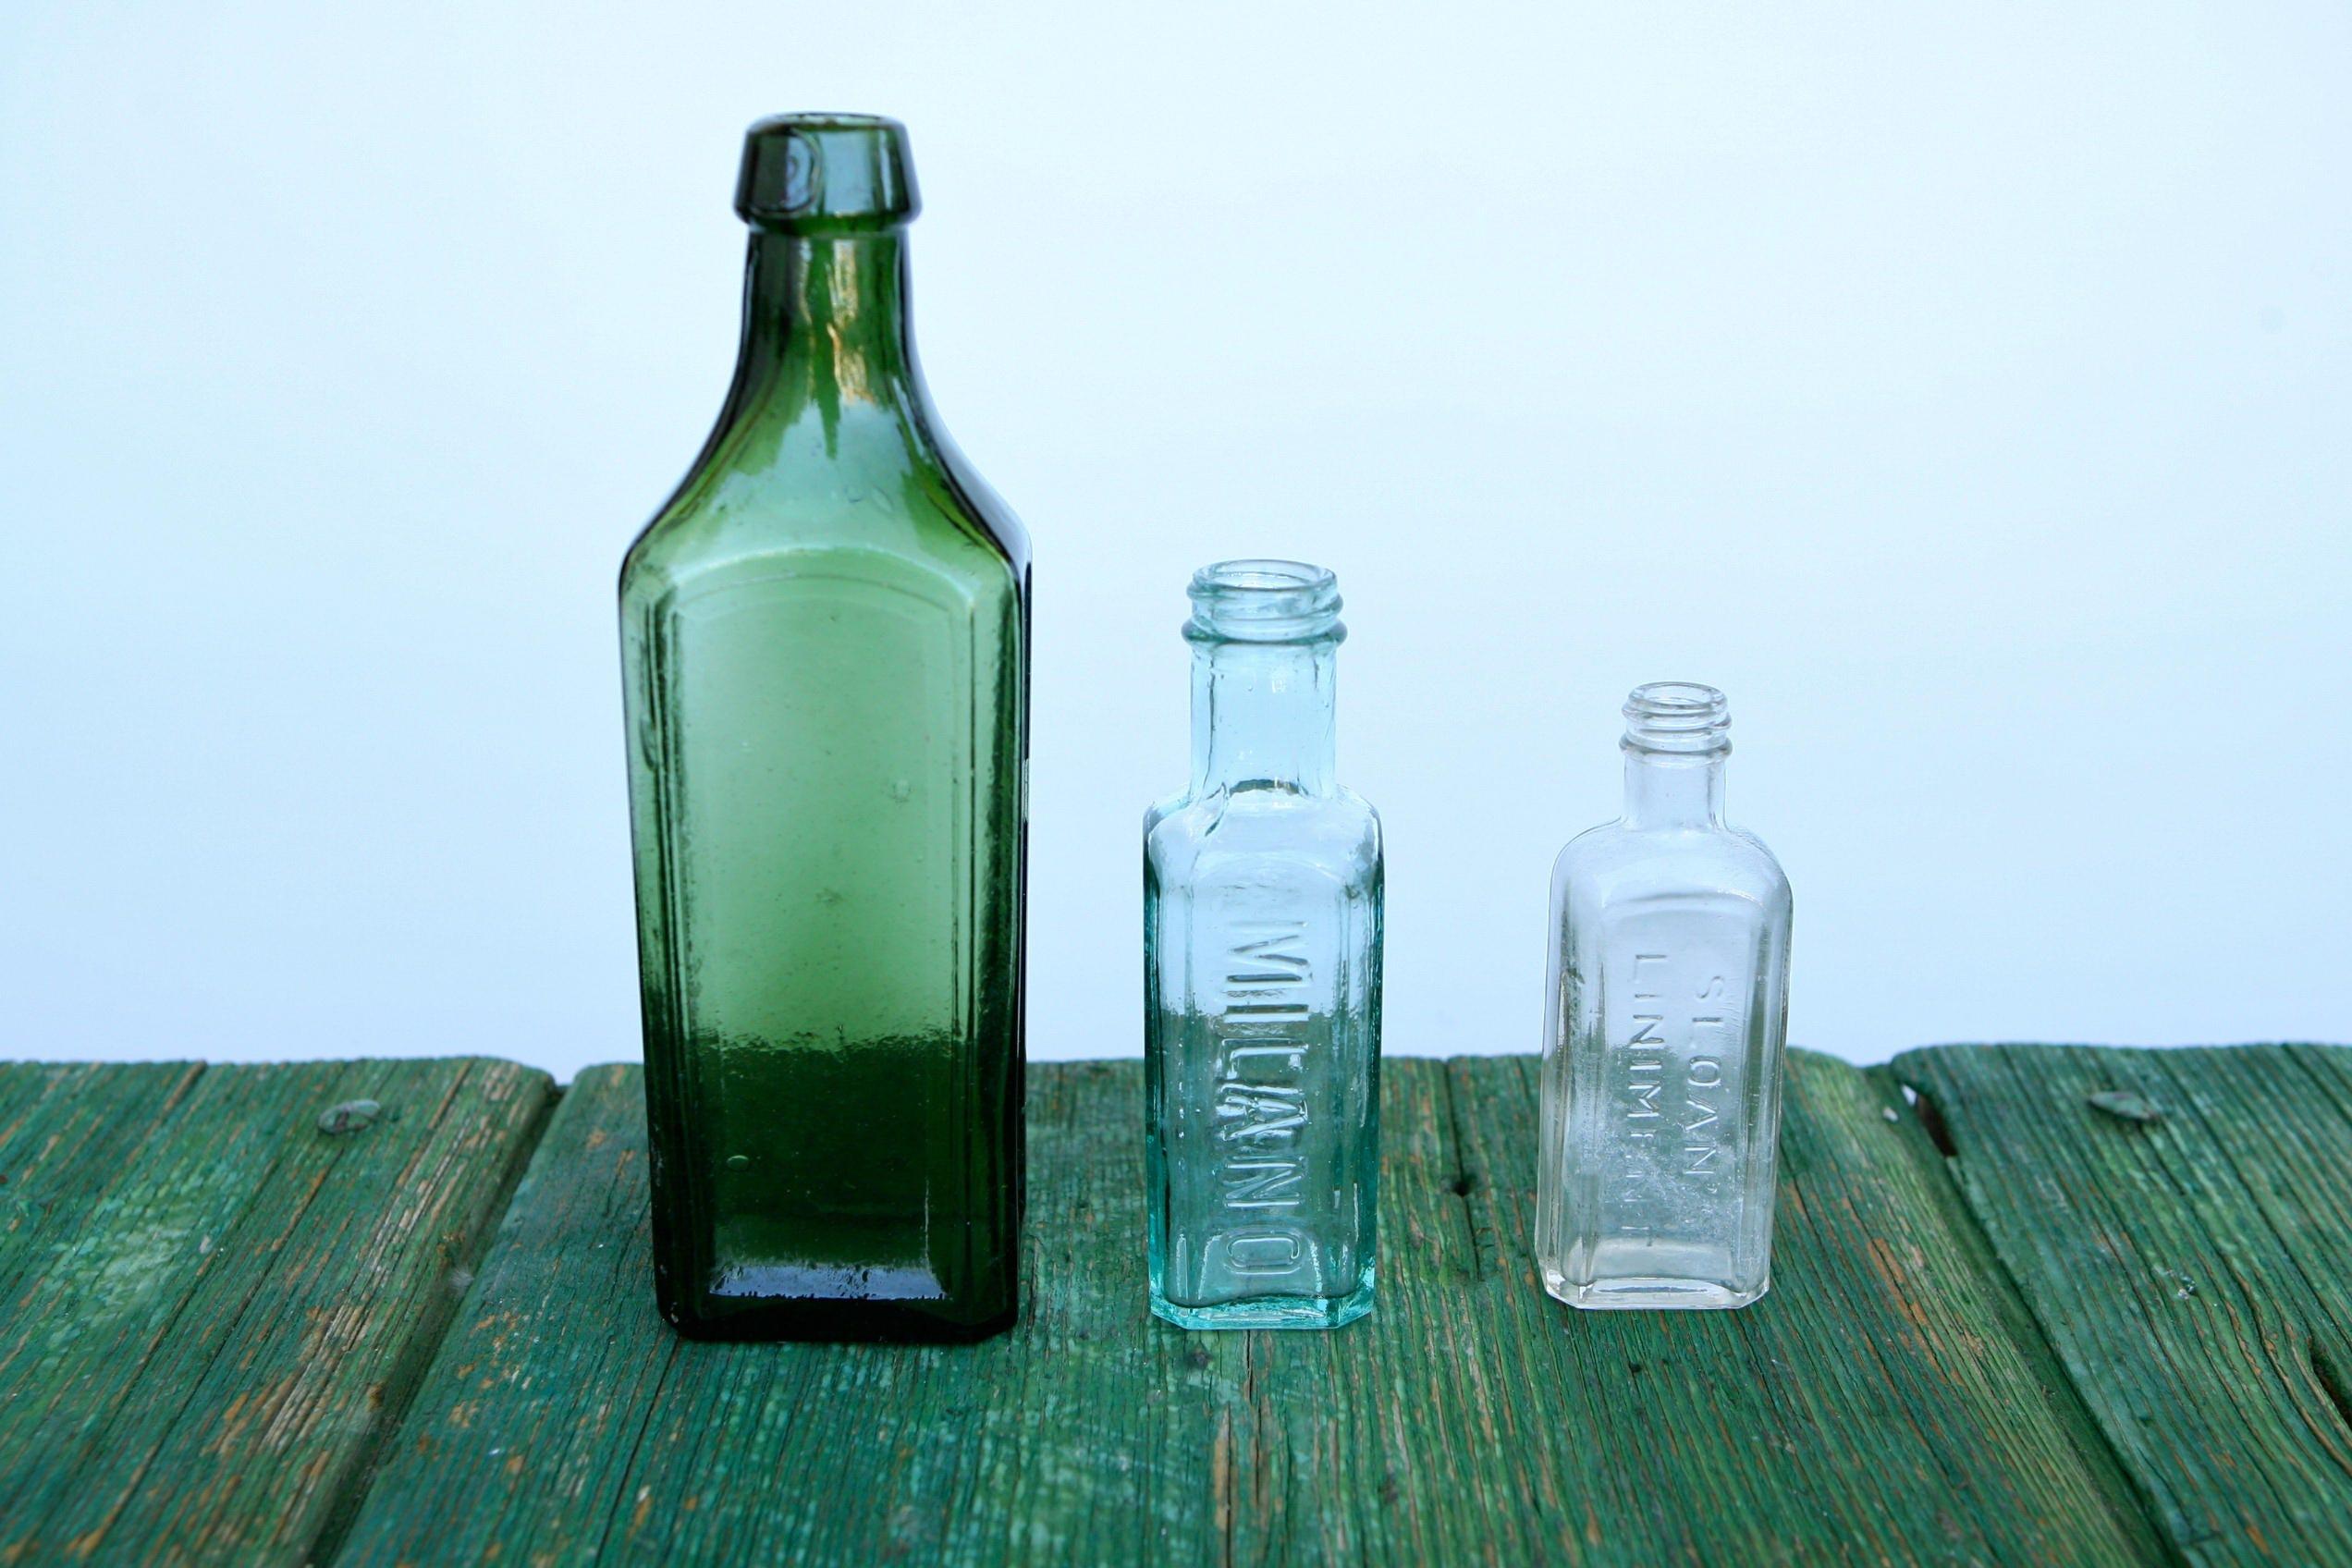 bouteille de pharmacie de liniment sloan avec dautres. Black Bedroom Furniture Sets. Home Design Ideas